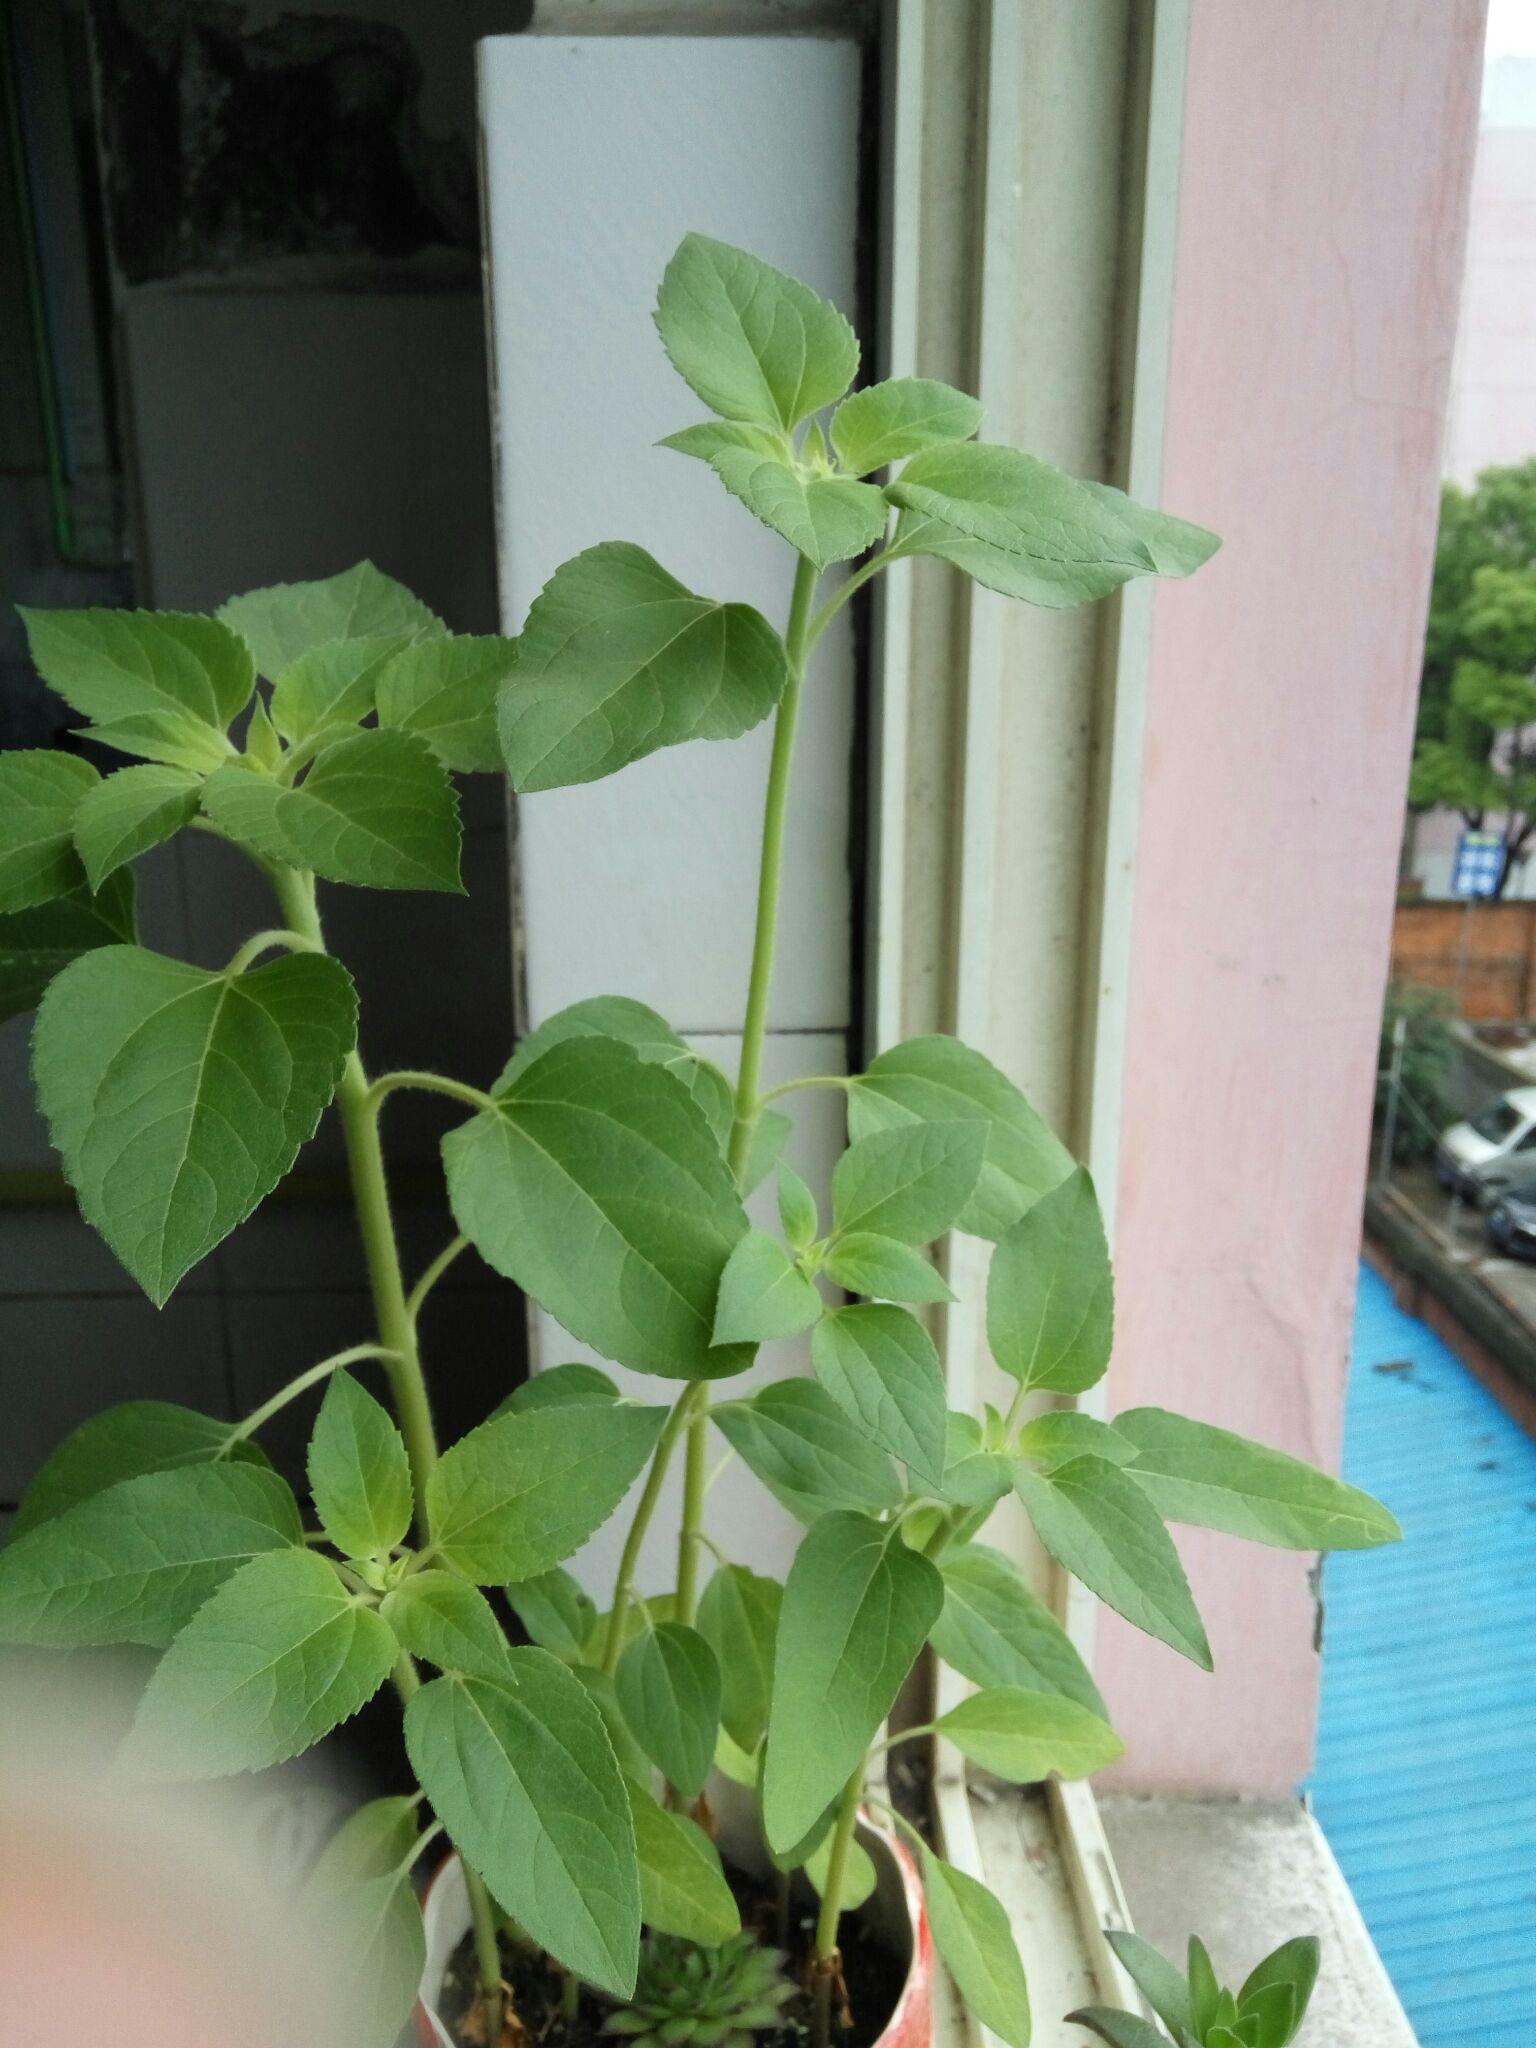 有向日葵种子但怎么样种最容易发芽呢?